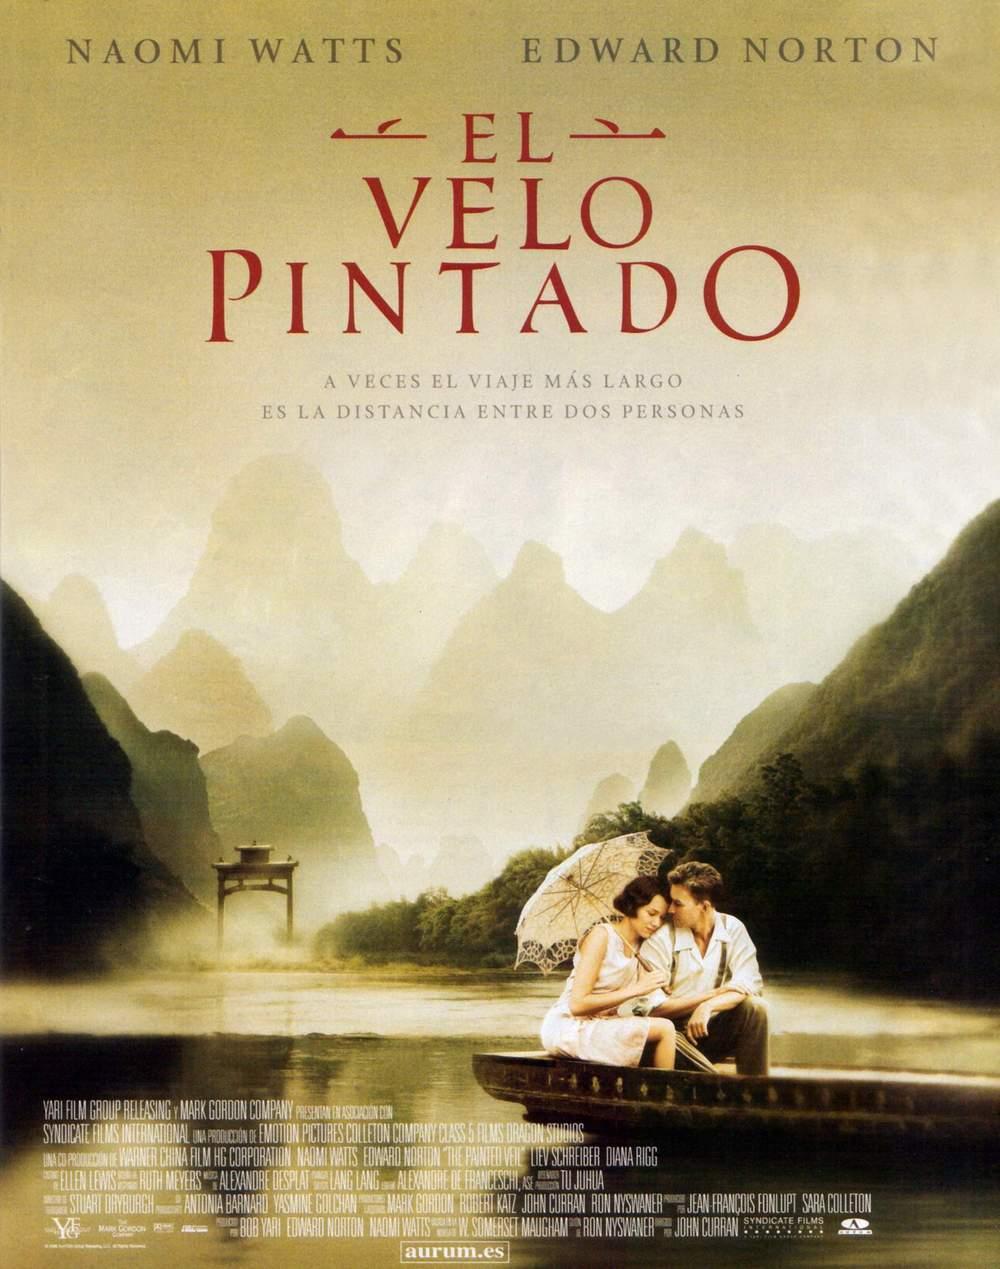 Cartel de la película El velo pintado